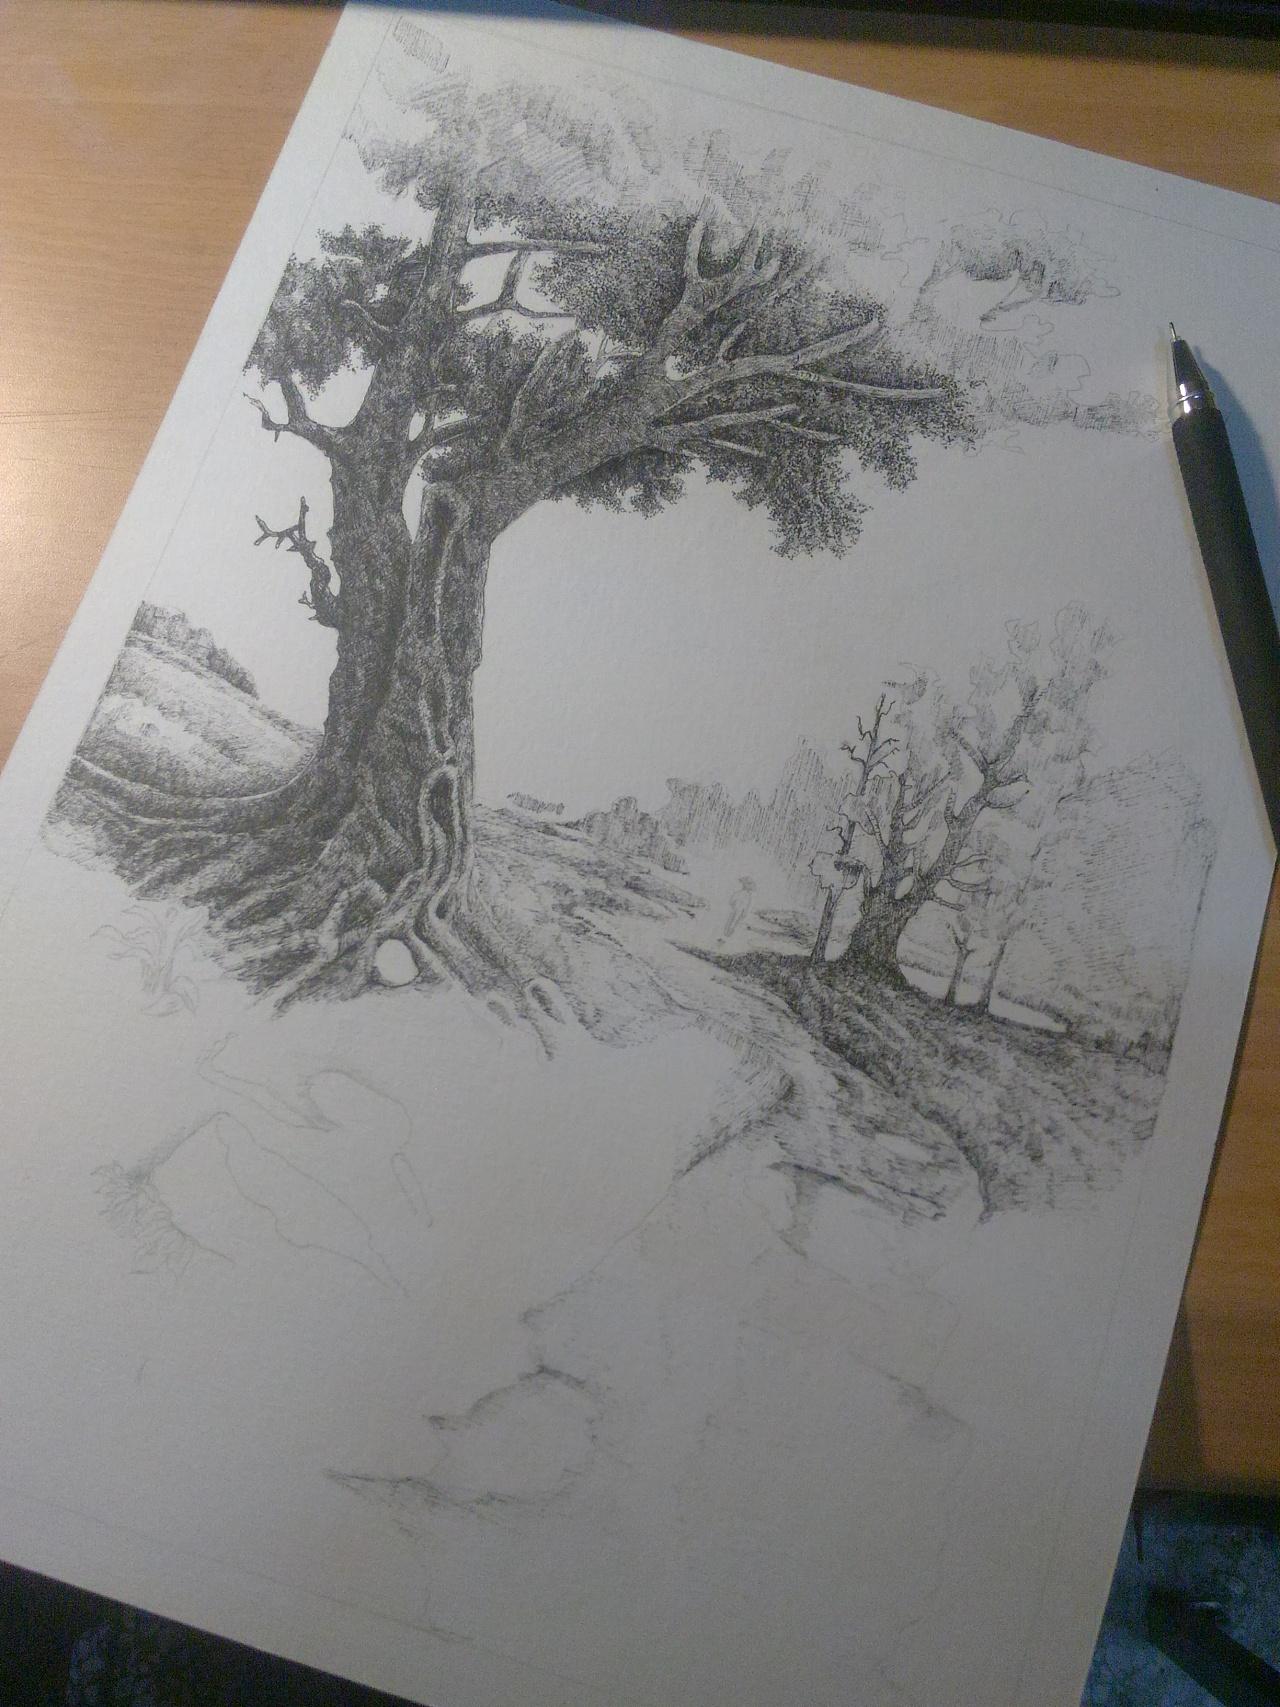 黑白风景画_黑白风景画|纯艺术|其他艺创|德配天地 - 原创作品 - 站酷 (ZCOOL)